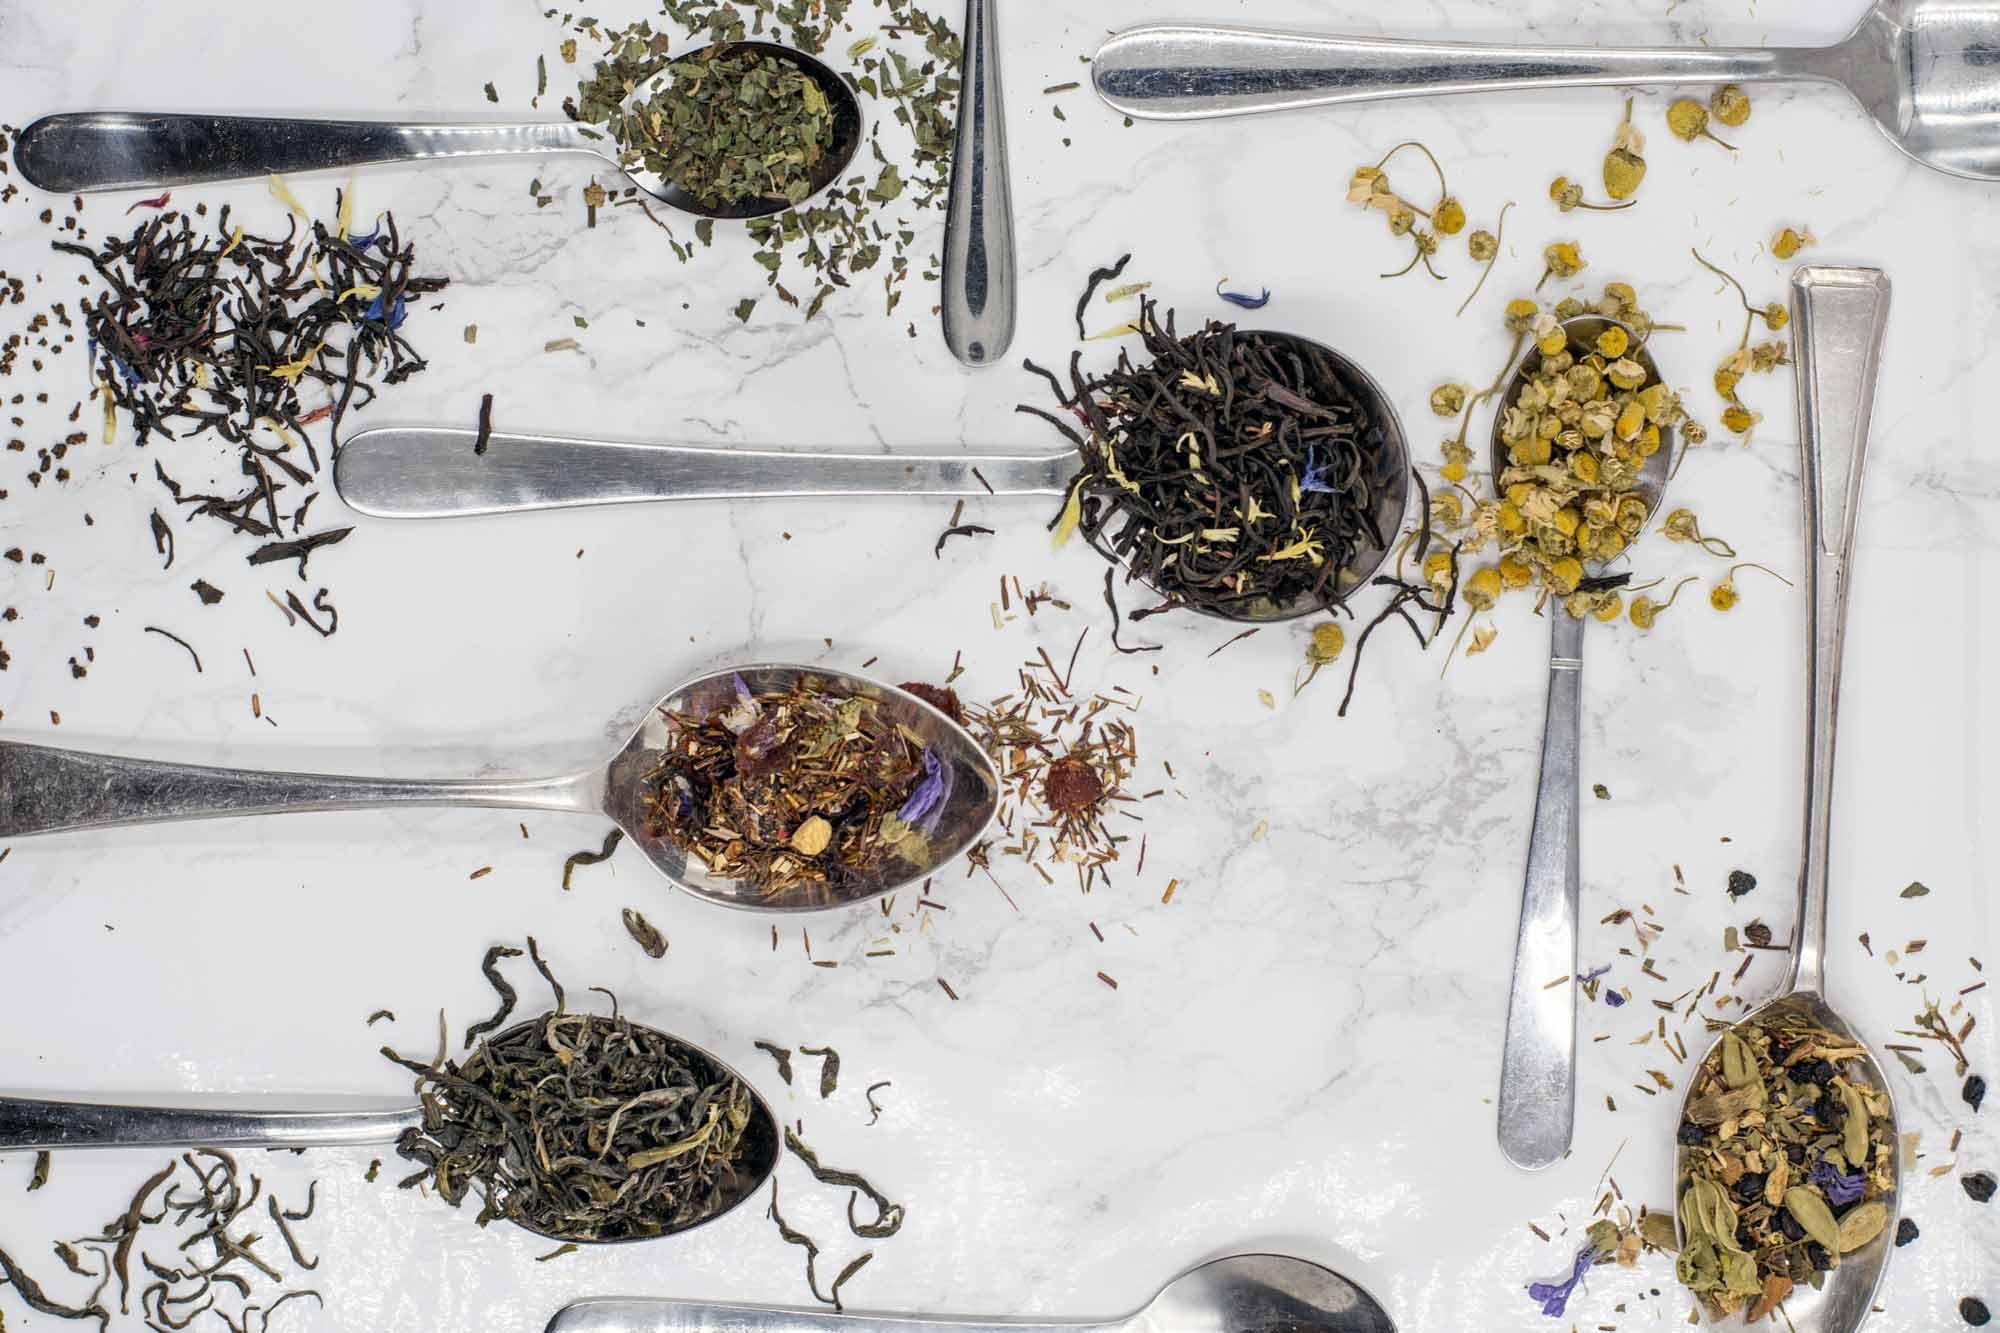 Бизнес по продаже чая, чайный бизнес, магазин продажа чая, чайный магазин бизнес-идея